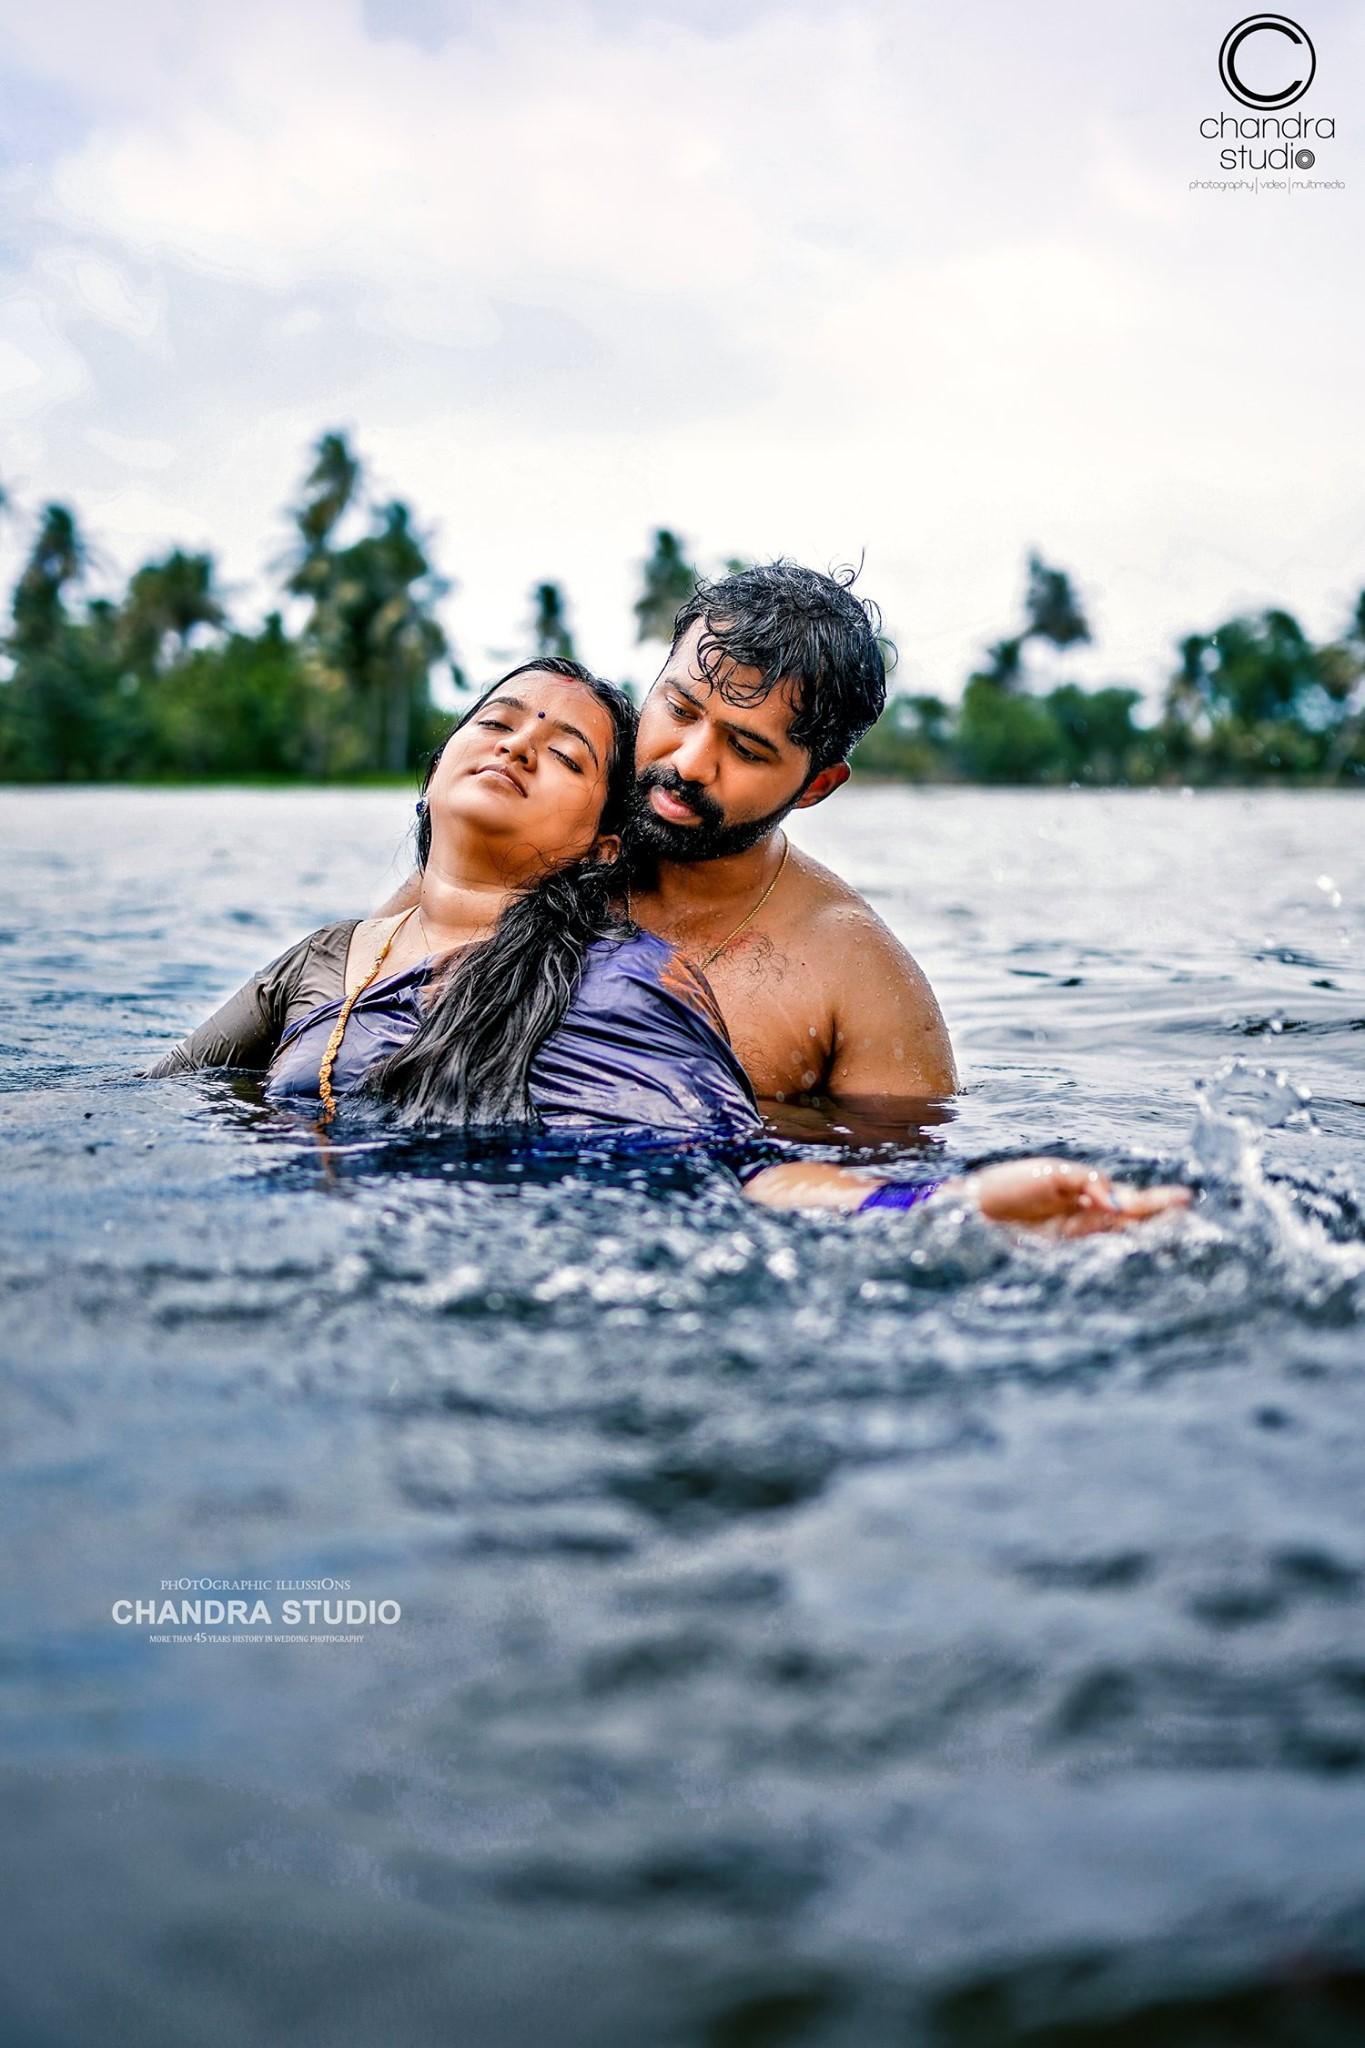 Sachin and Chandra Photoshoot 5